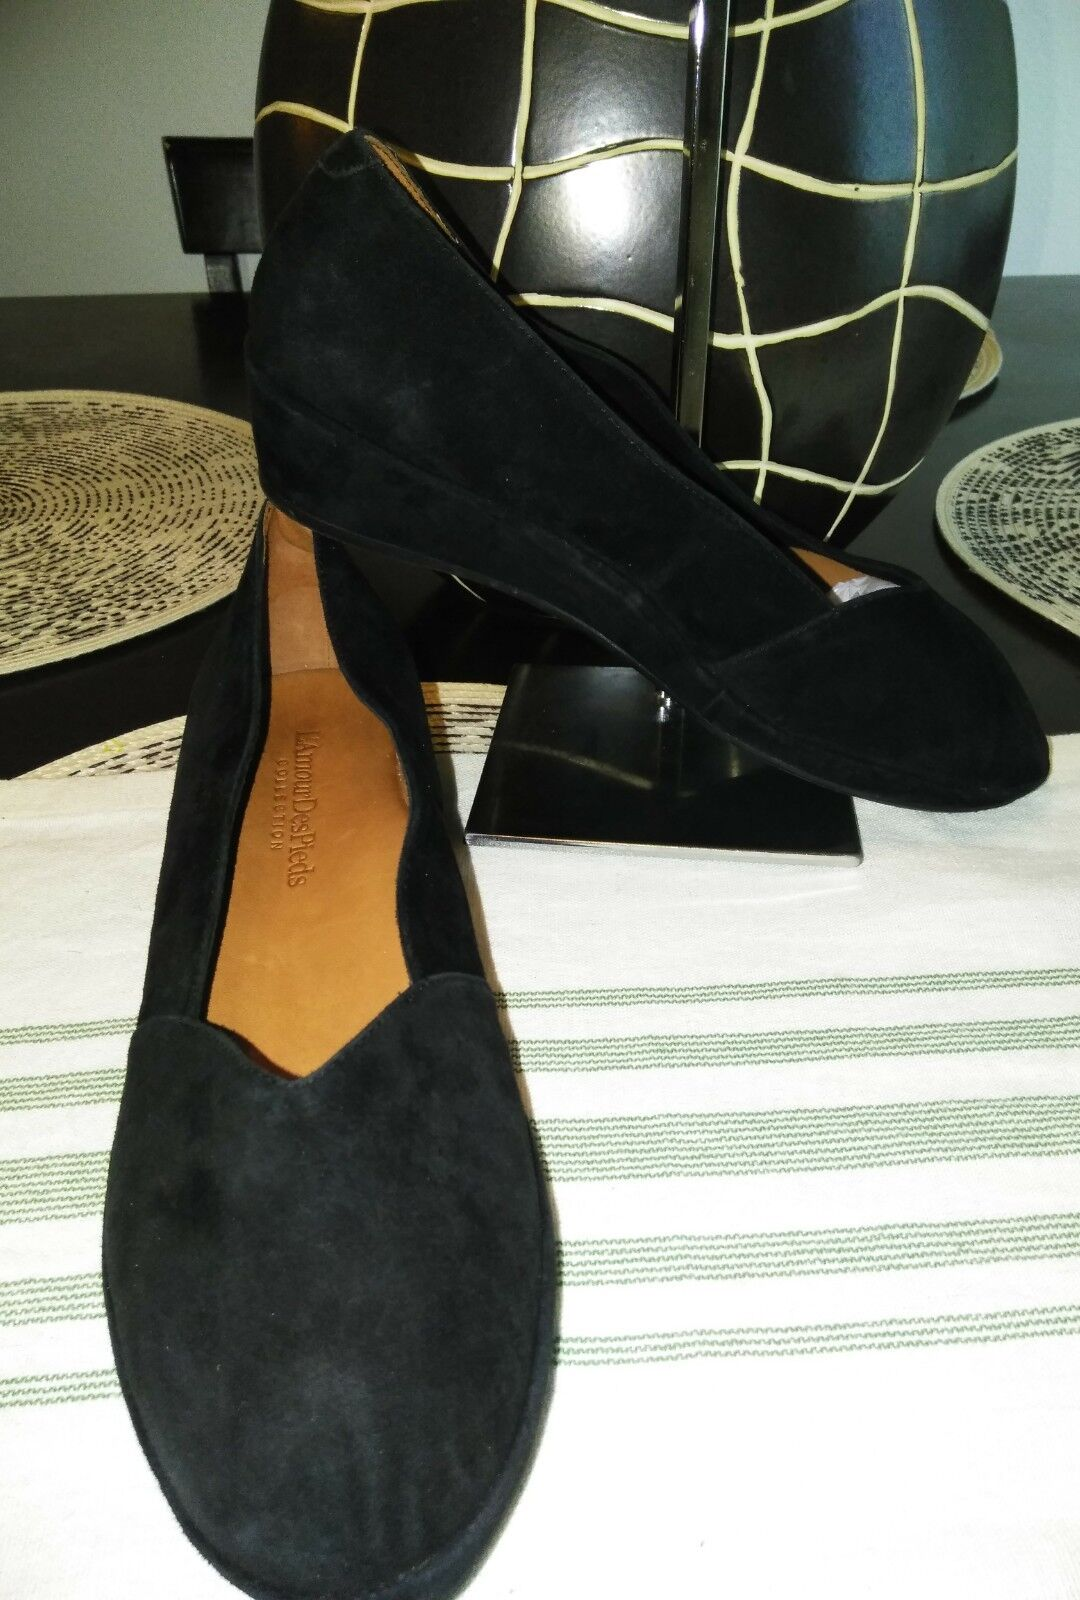 L 'amour des pulcros Bracey Negro Gamuza Zapatos ortopédicos Cuña Cuña Cuña Talla 11M  gran descuento